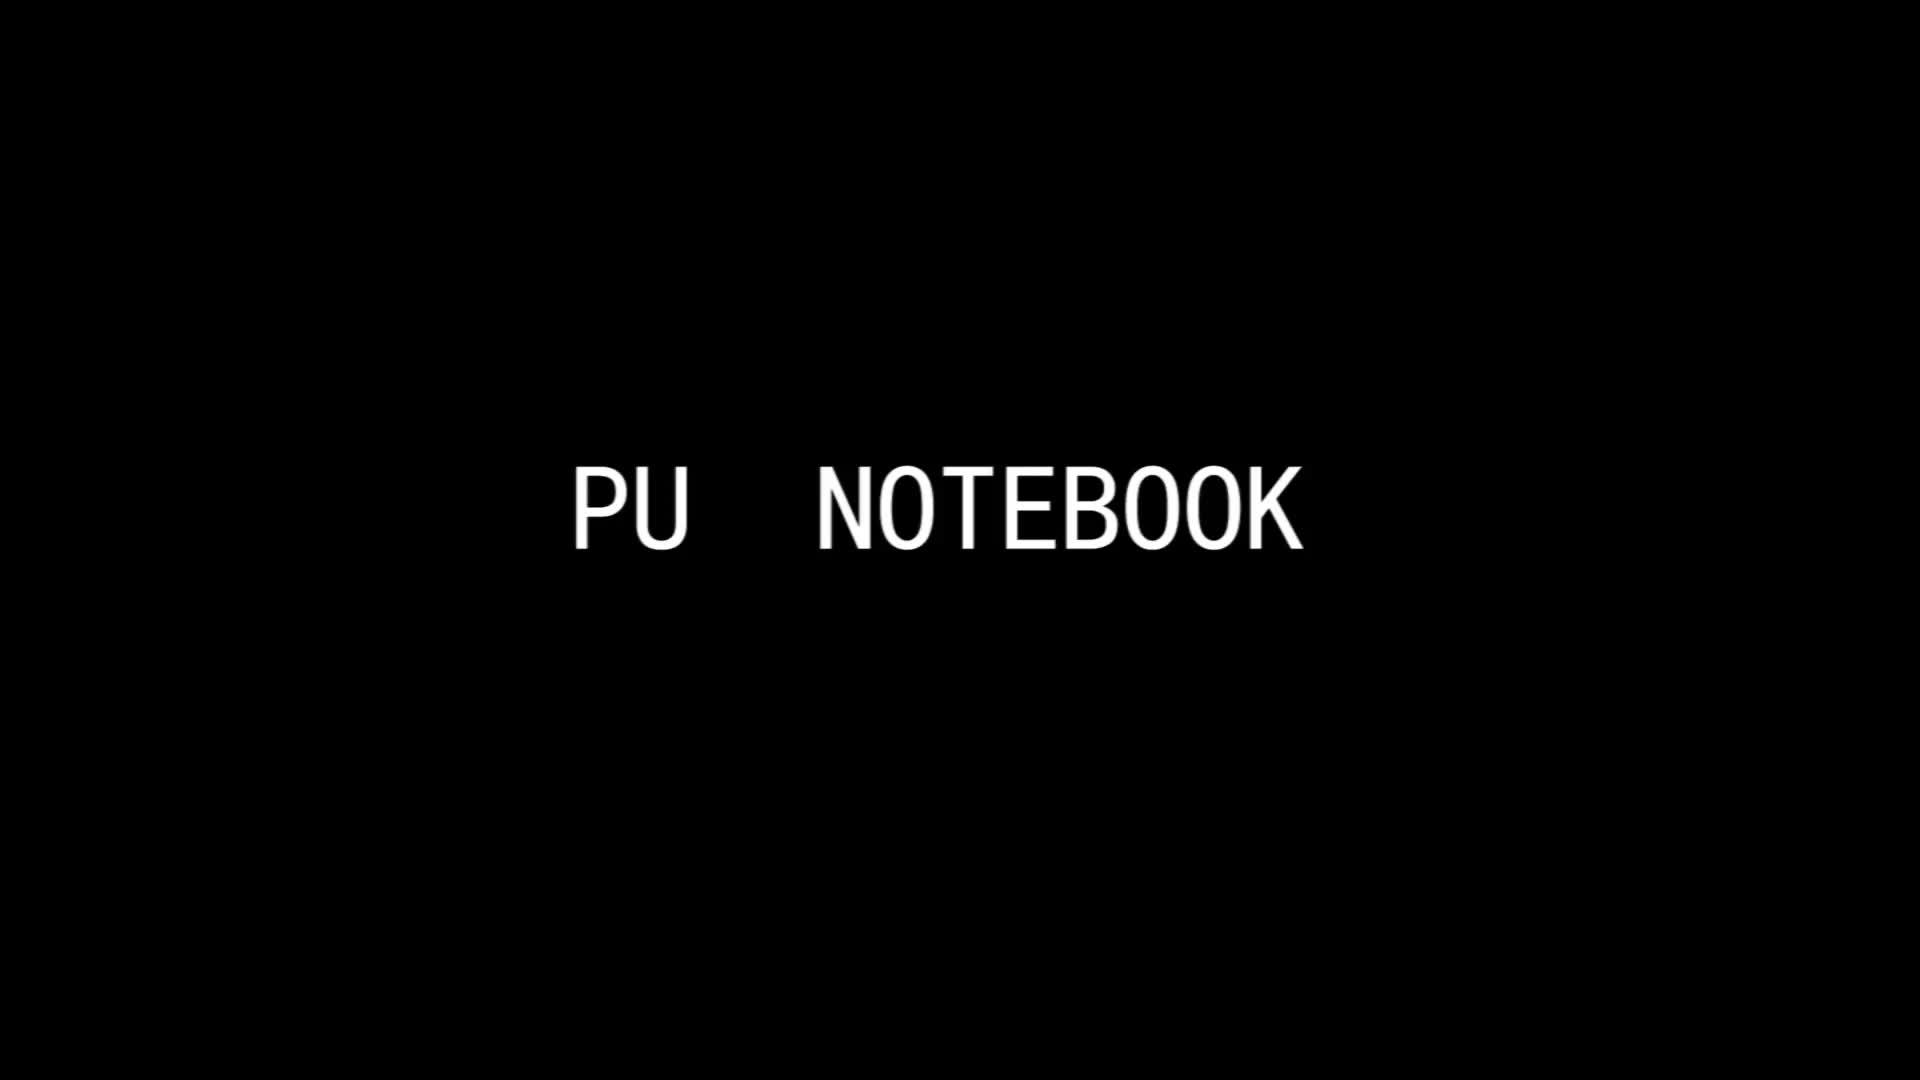 Nuove Idee di Prodotto 2019 Cancelleria Hardcover Studente Diario Note Book, Personalizzato A5 Cuoio DELL'UNITÀ di elaborazione di Scuola Notebook/